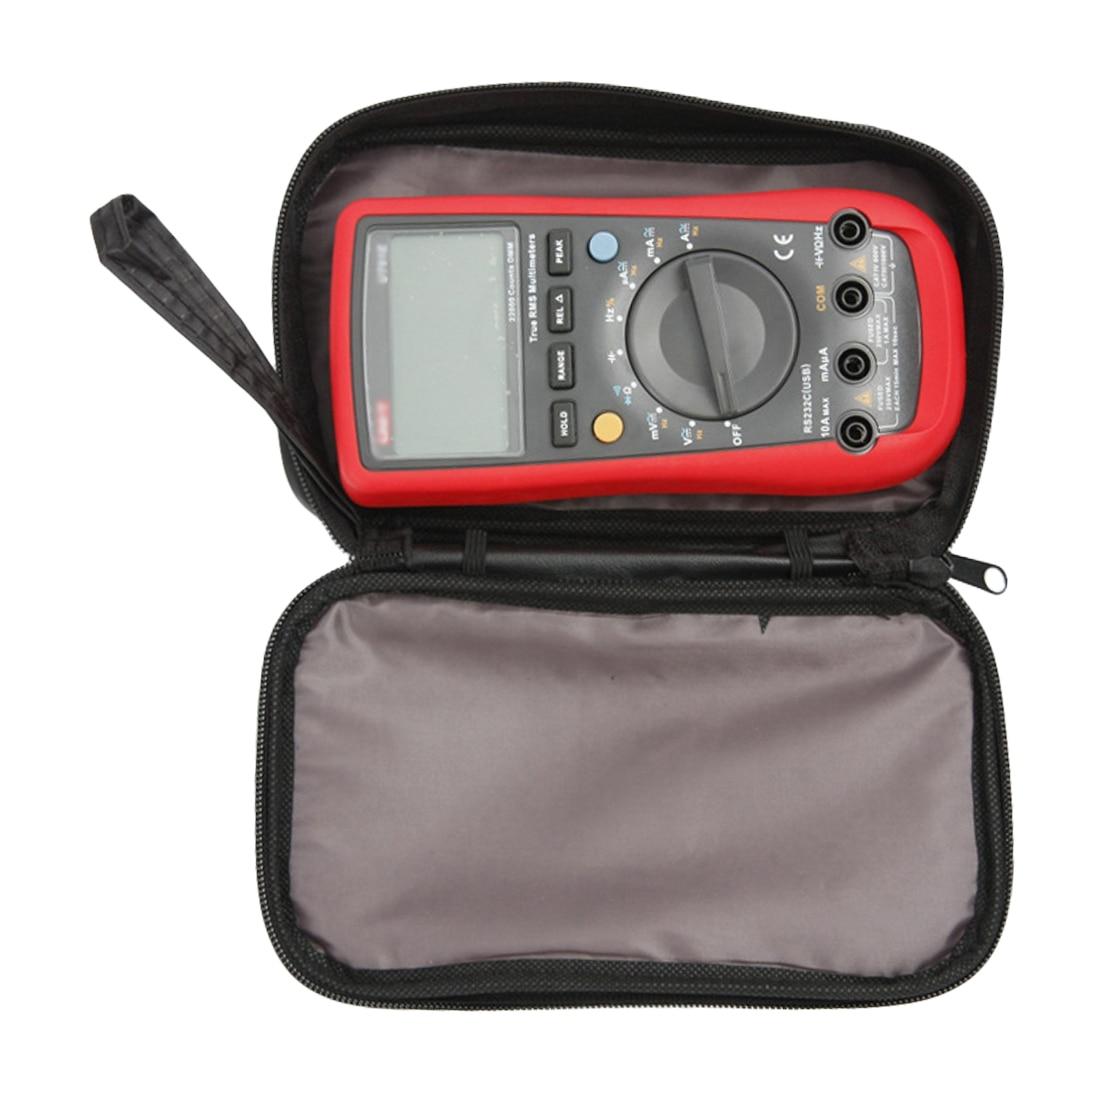 1pcs  20*12*4cm Waterproof Tools Bag Multimeter Black Canvas Bag For UT61 Series Digital Multimeter Cloth Durable